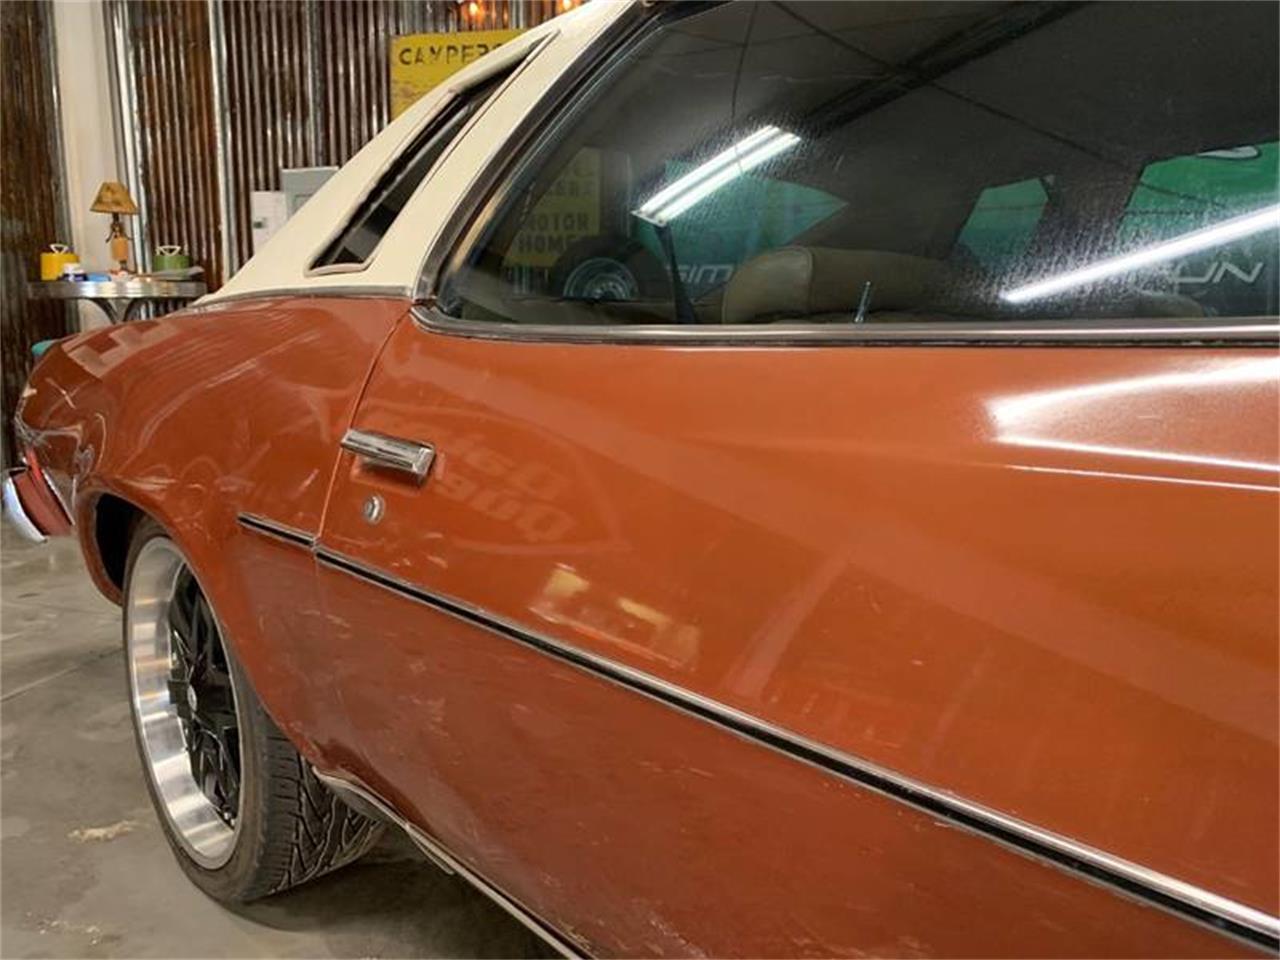 Large Picture of '74 Chevrolet Malibu Classic located in Oregon - $6,500.00 - PJDU